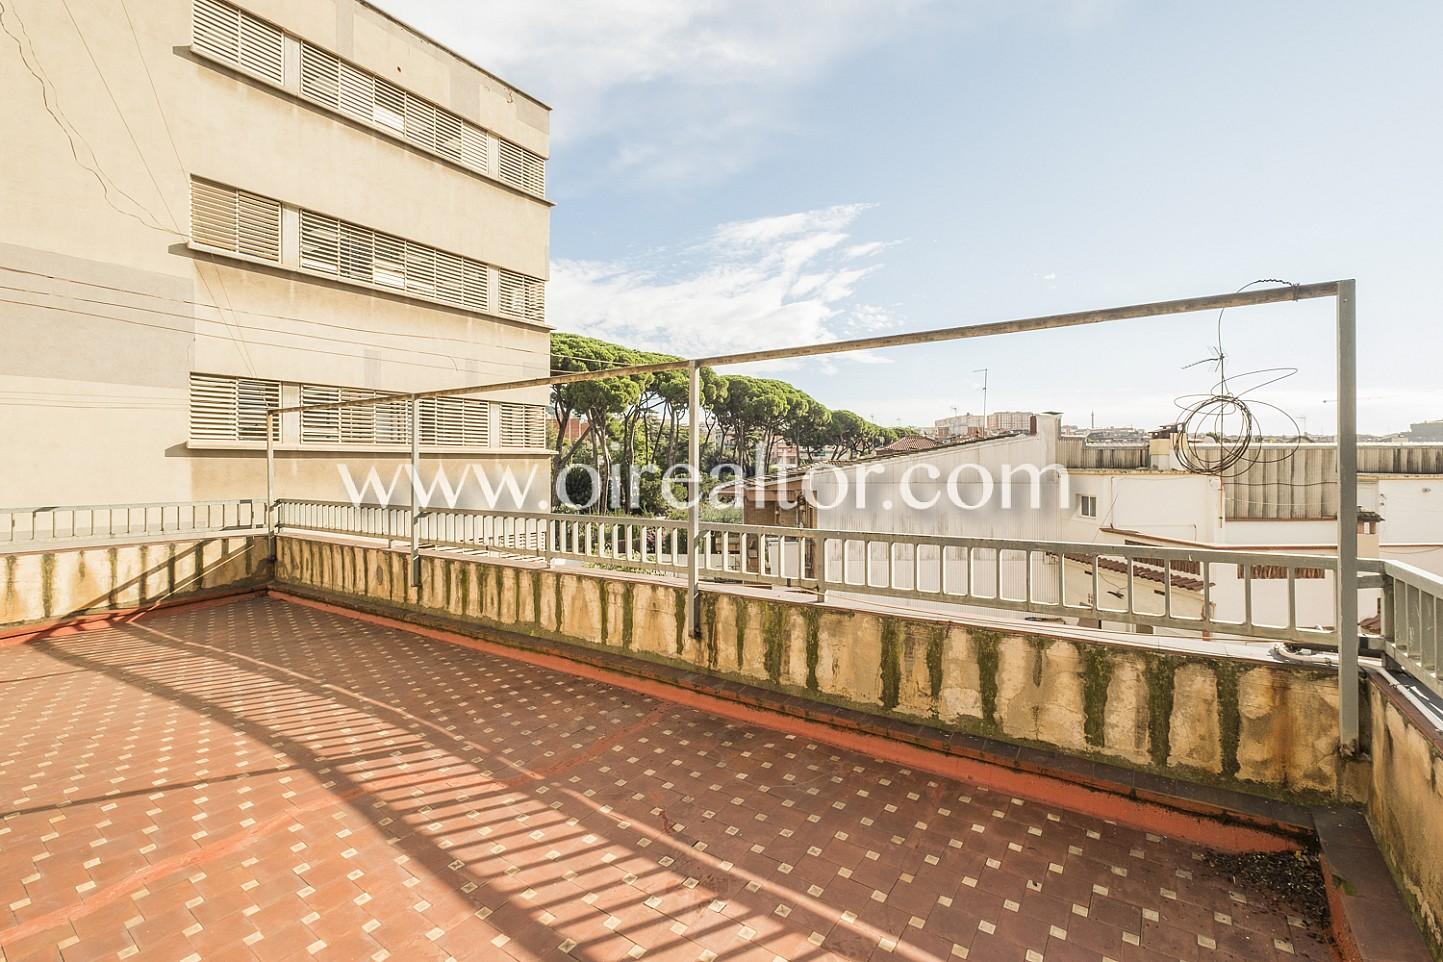 terraza, patio de manzana, patio de isla, vistas